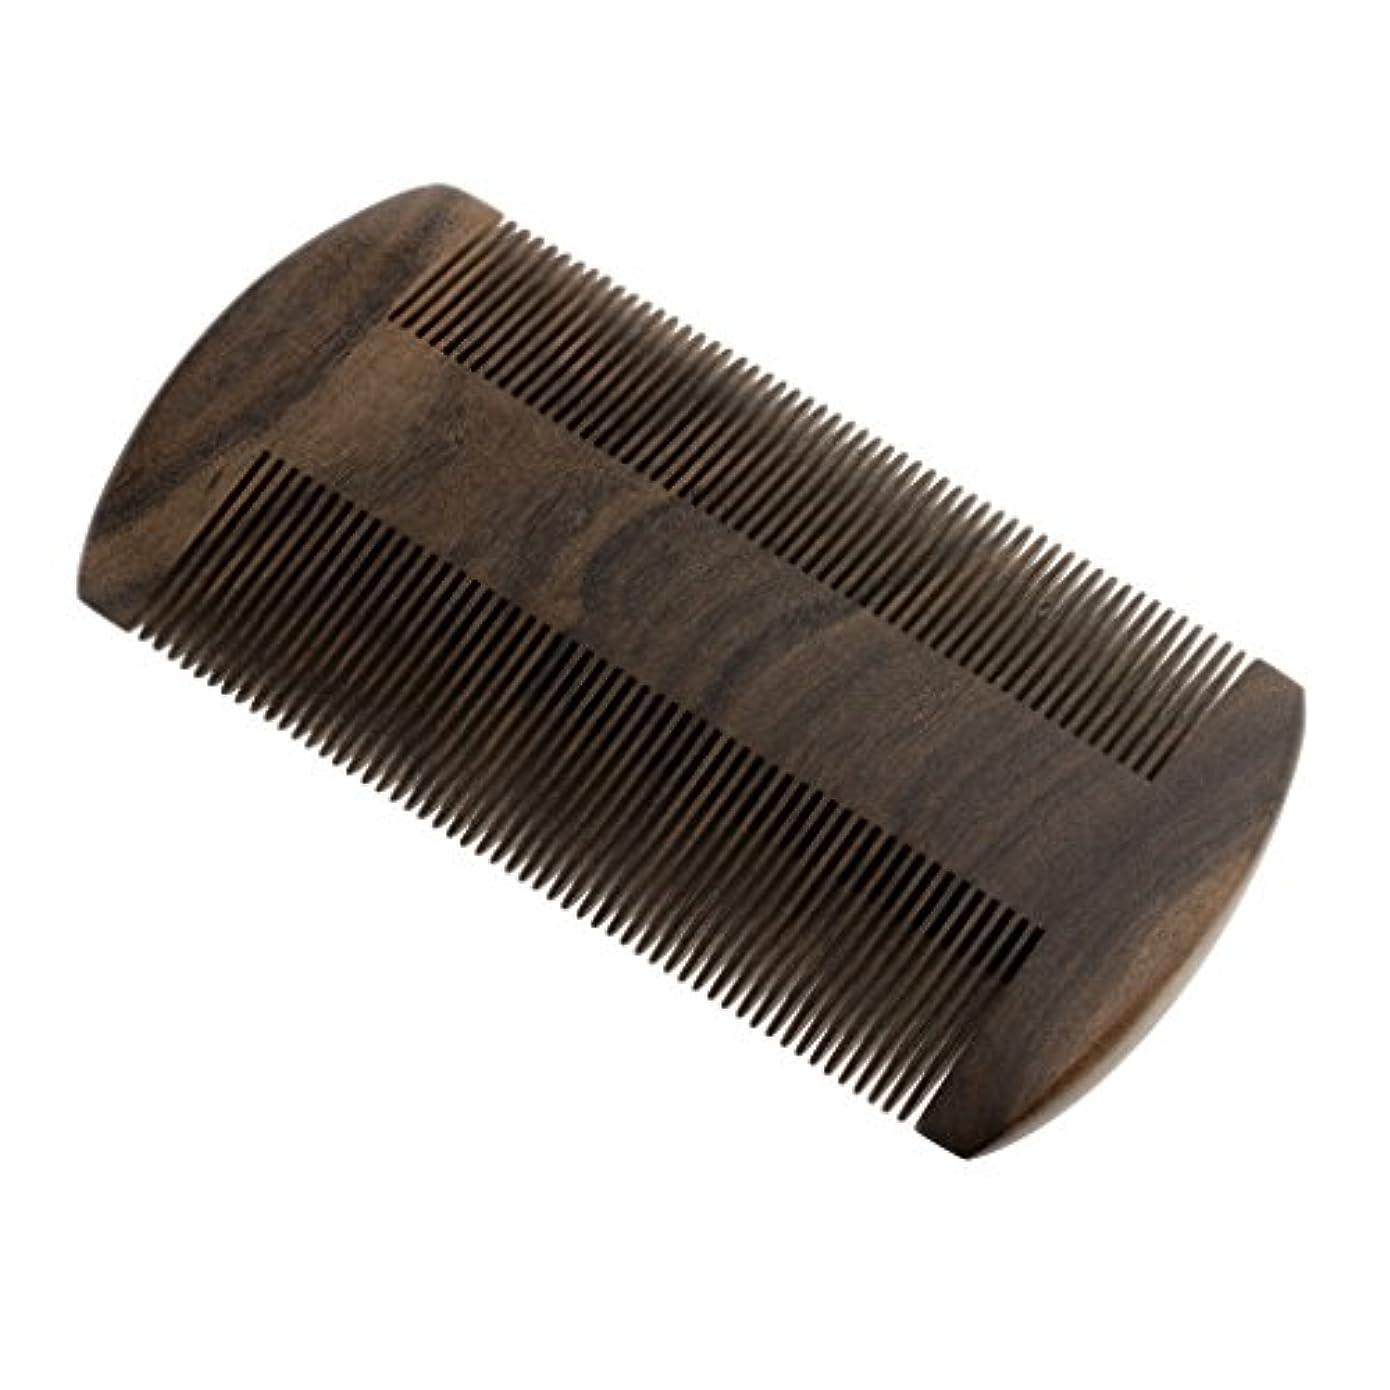 属する膜セラーヘアダイコーム ブラシ ポケットコーム ウッド 櫛 ヘアブラシ 静電気防止 ヘアスタイリ ング